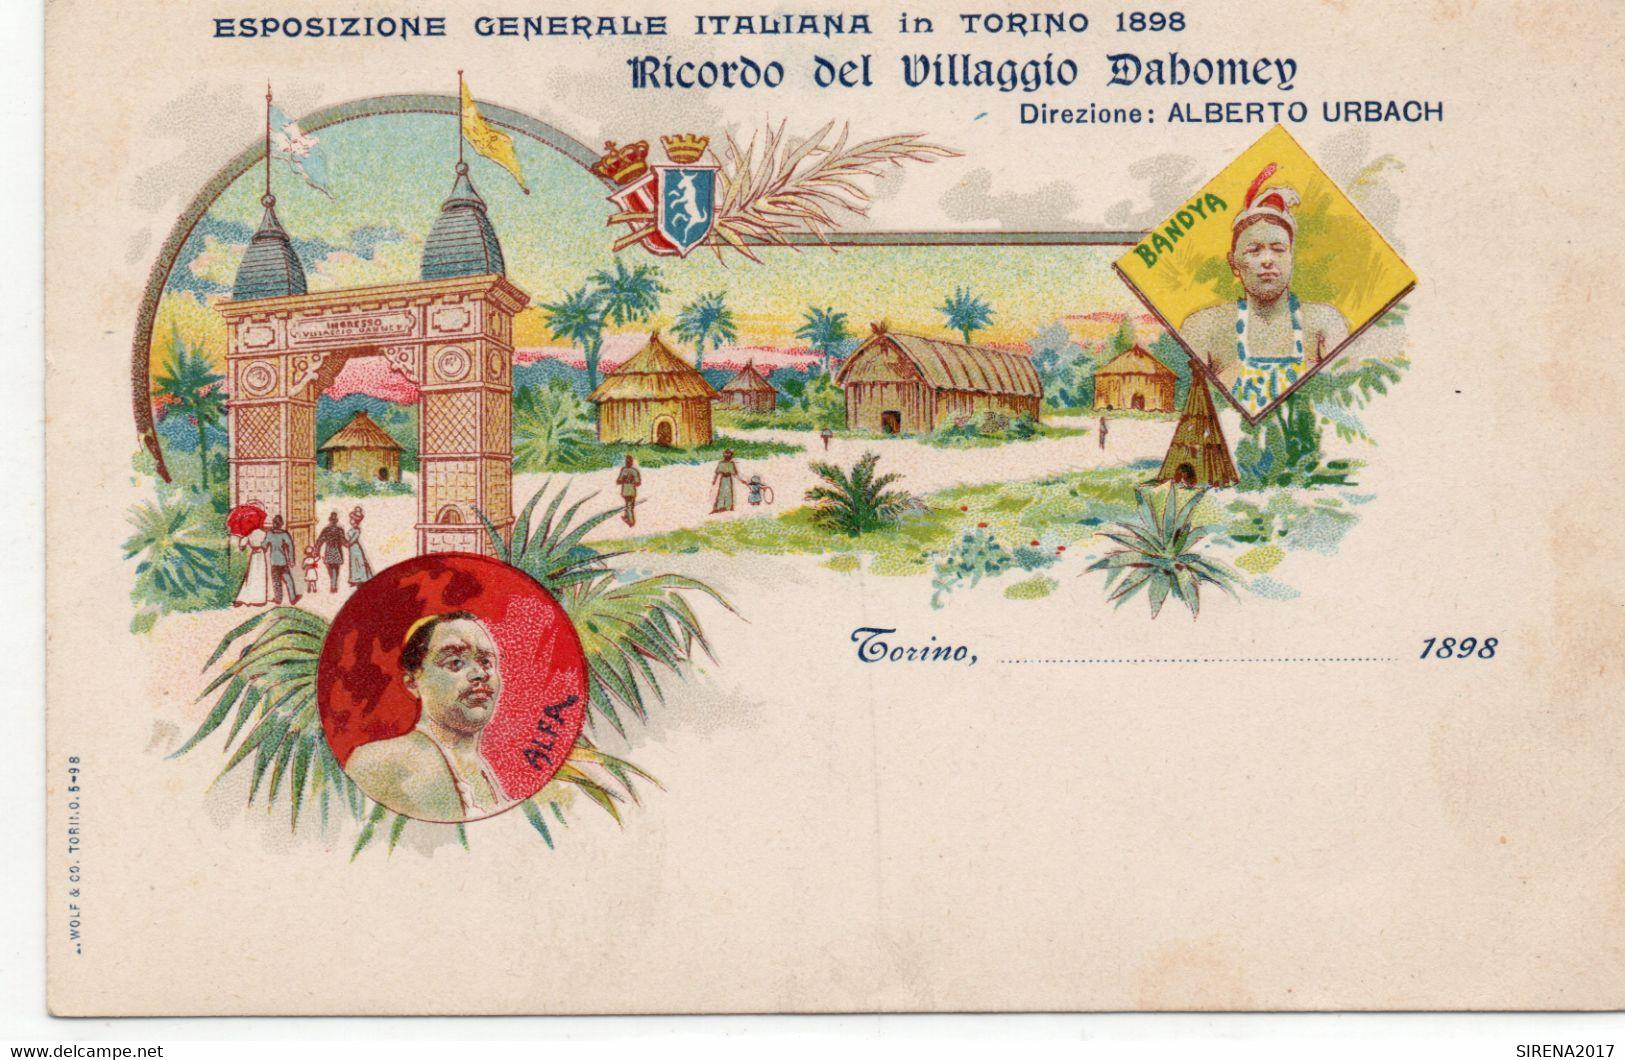 TORINO ESPOSIZIONE 1898 - RICORDO VILLAGGIO DABOMEY - TORINO - NON VIAGGIATA - Mostre, Esposizioni